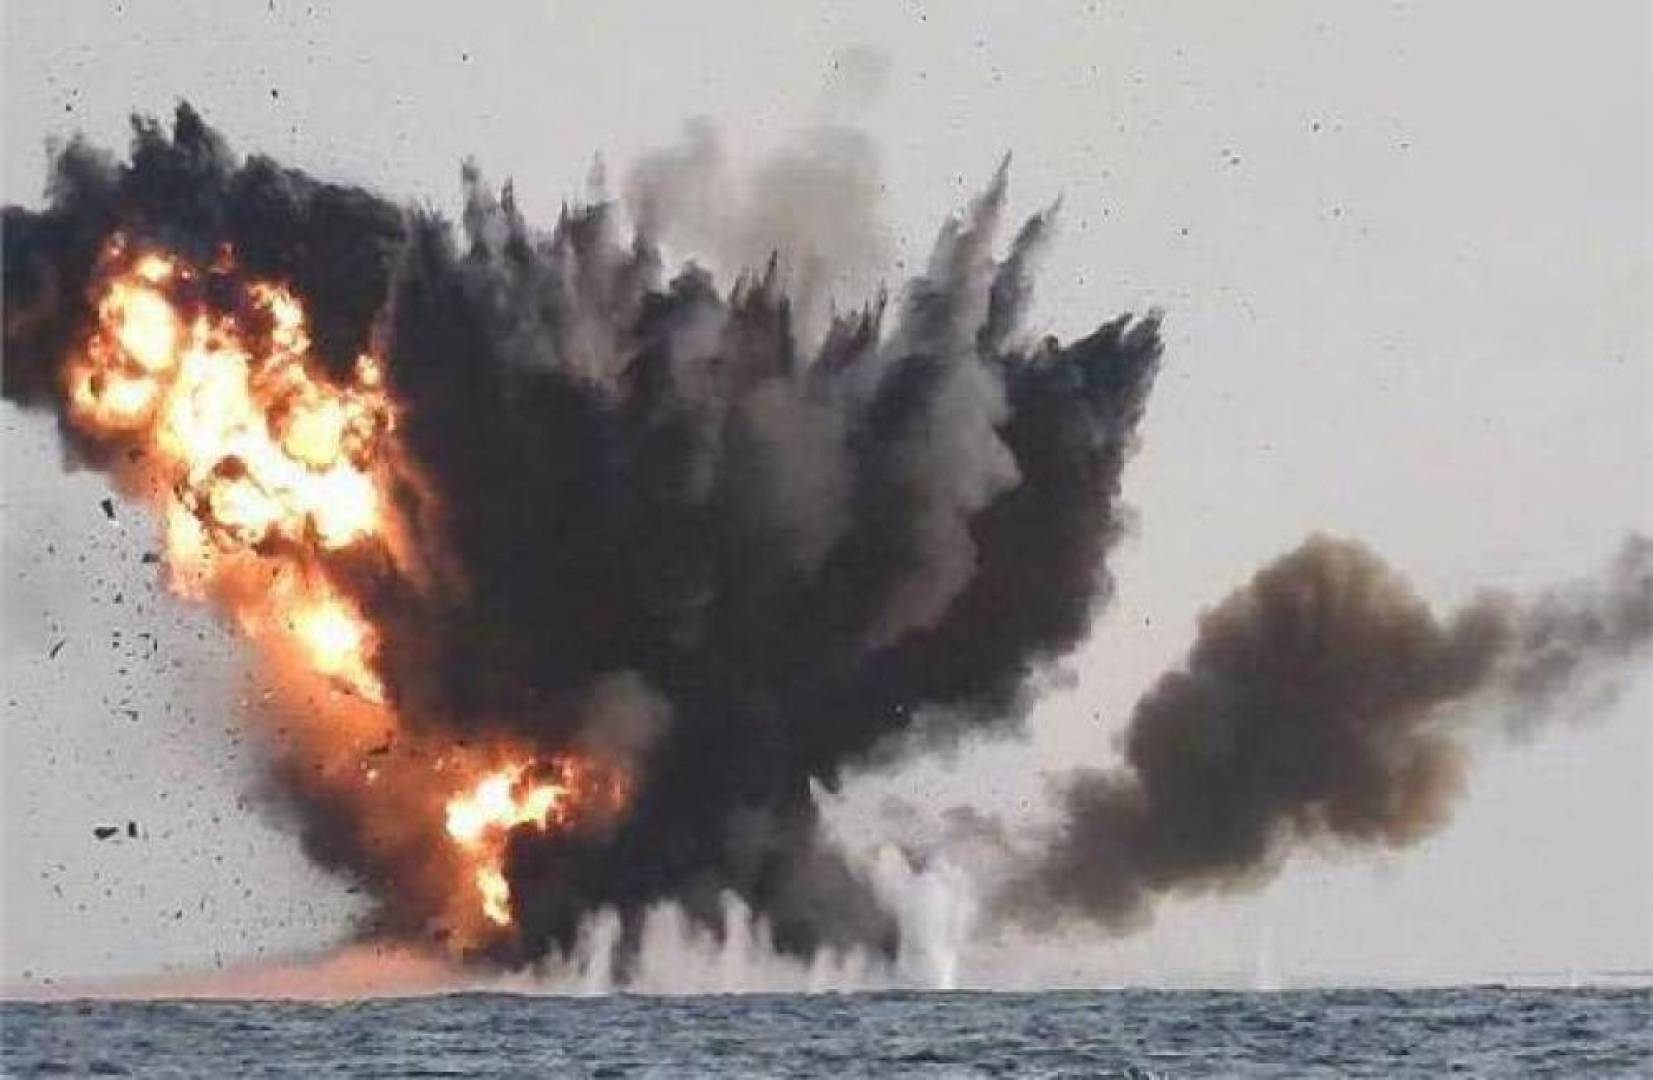 تحالف دعم الشرعية: اعتراض وتدمير زورق مفخخ لميليشيات الحوثي